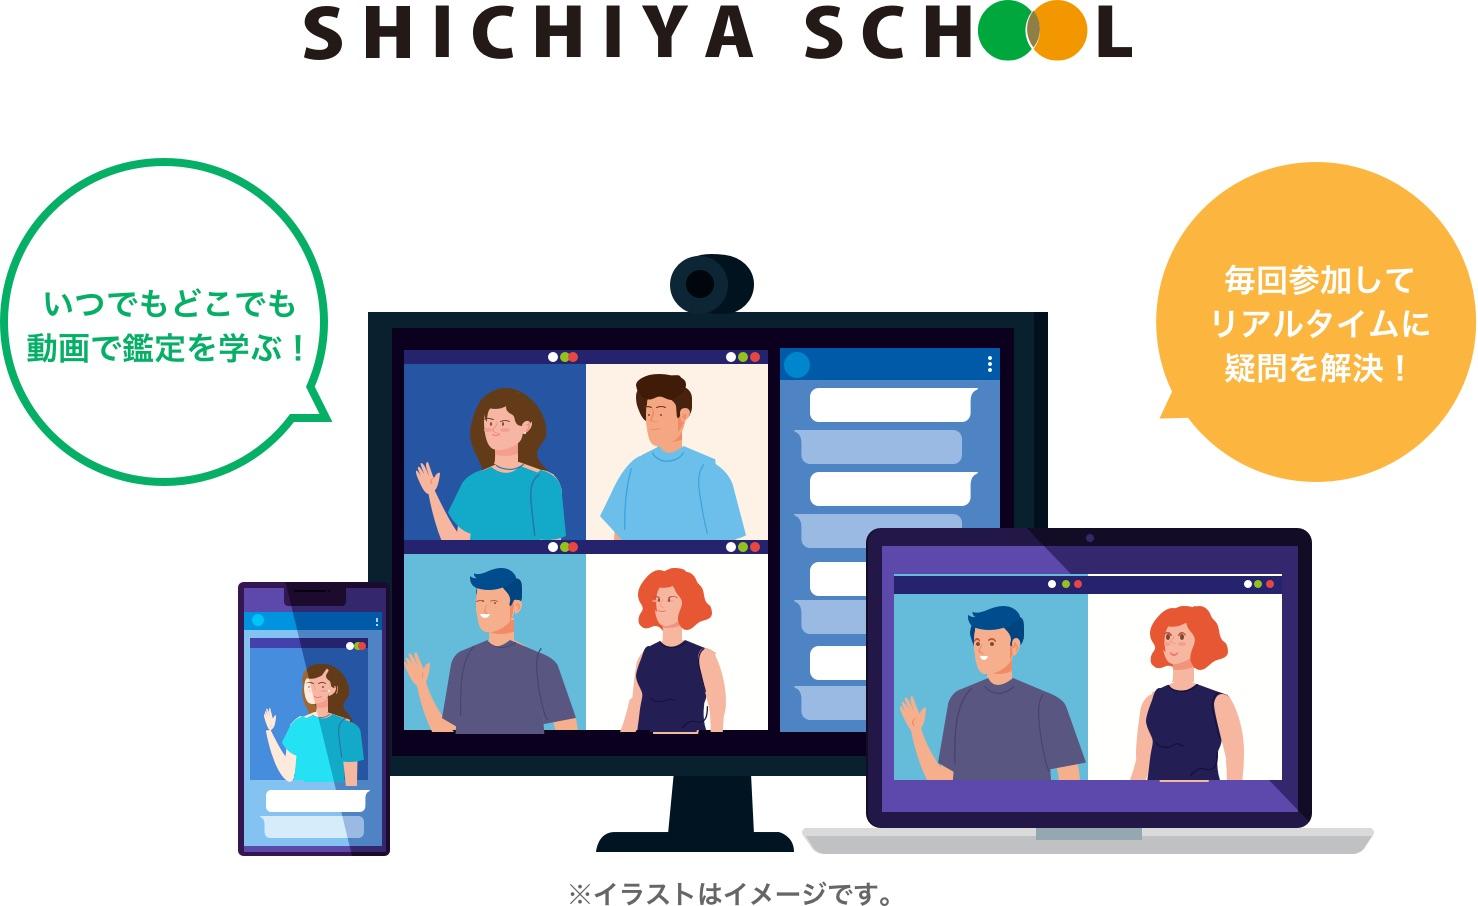 質屋学校 SHICHIYA SCHOOL